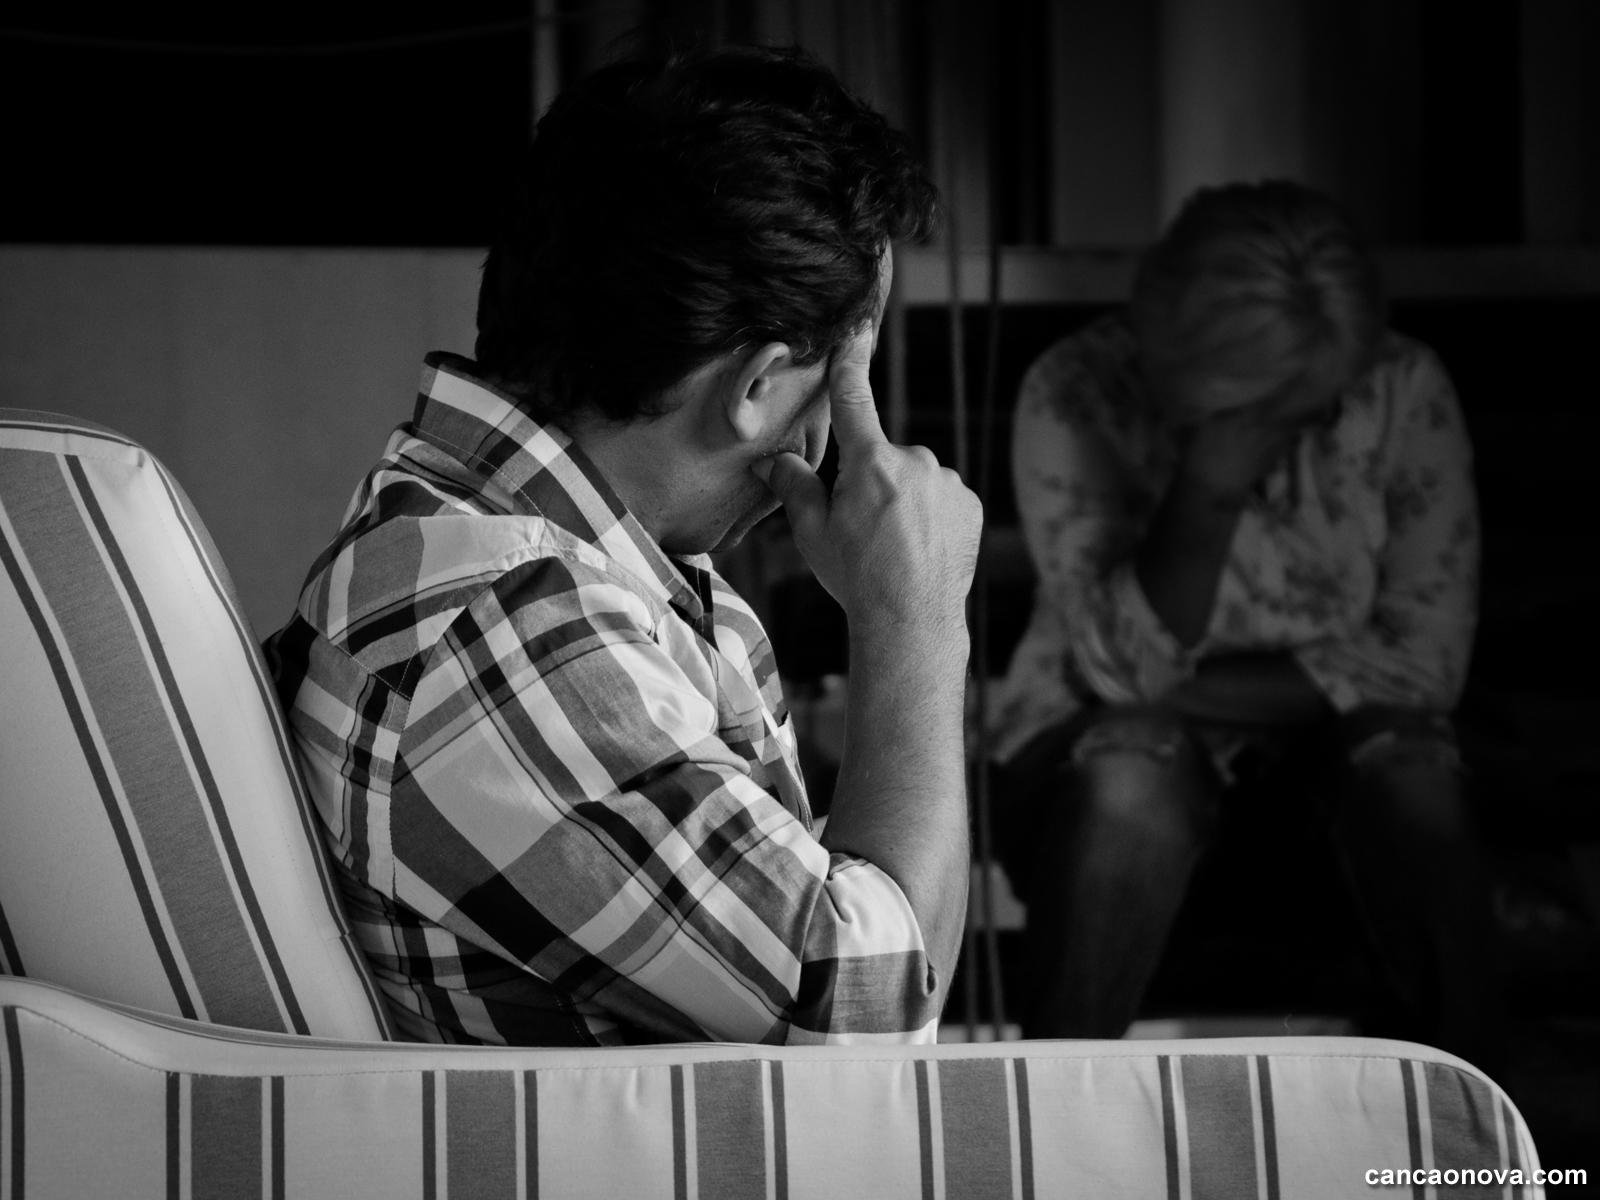 Deixar de sentir-se amado: a quarta insegurança de muitos casais